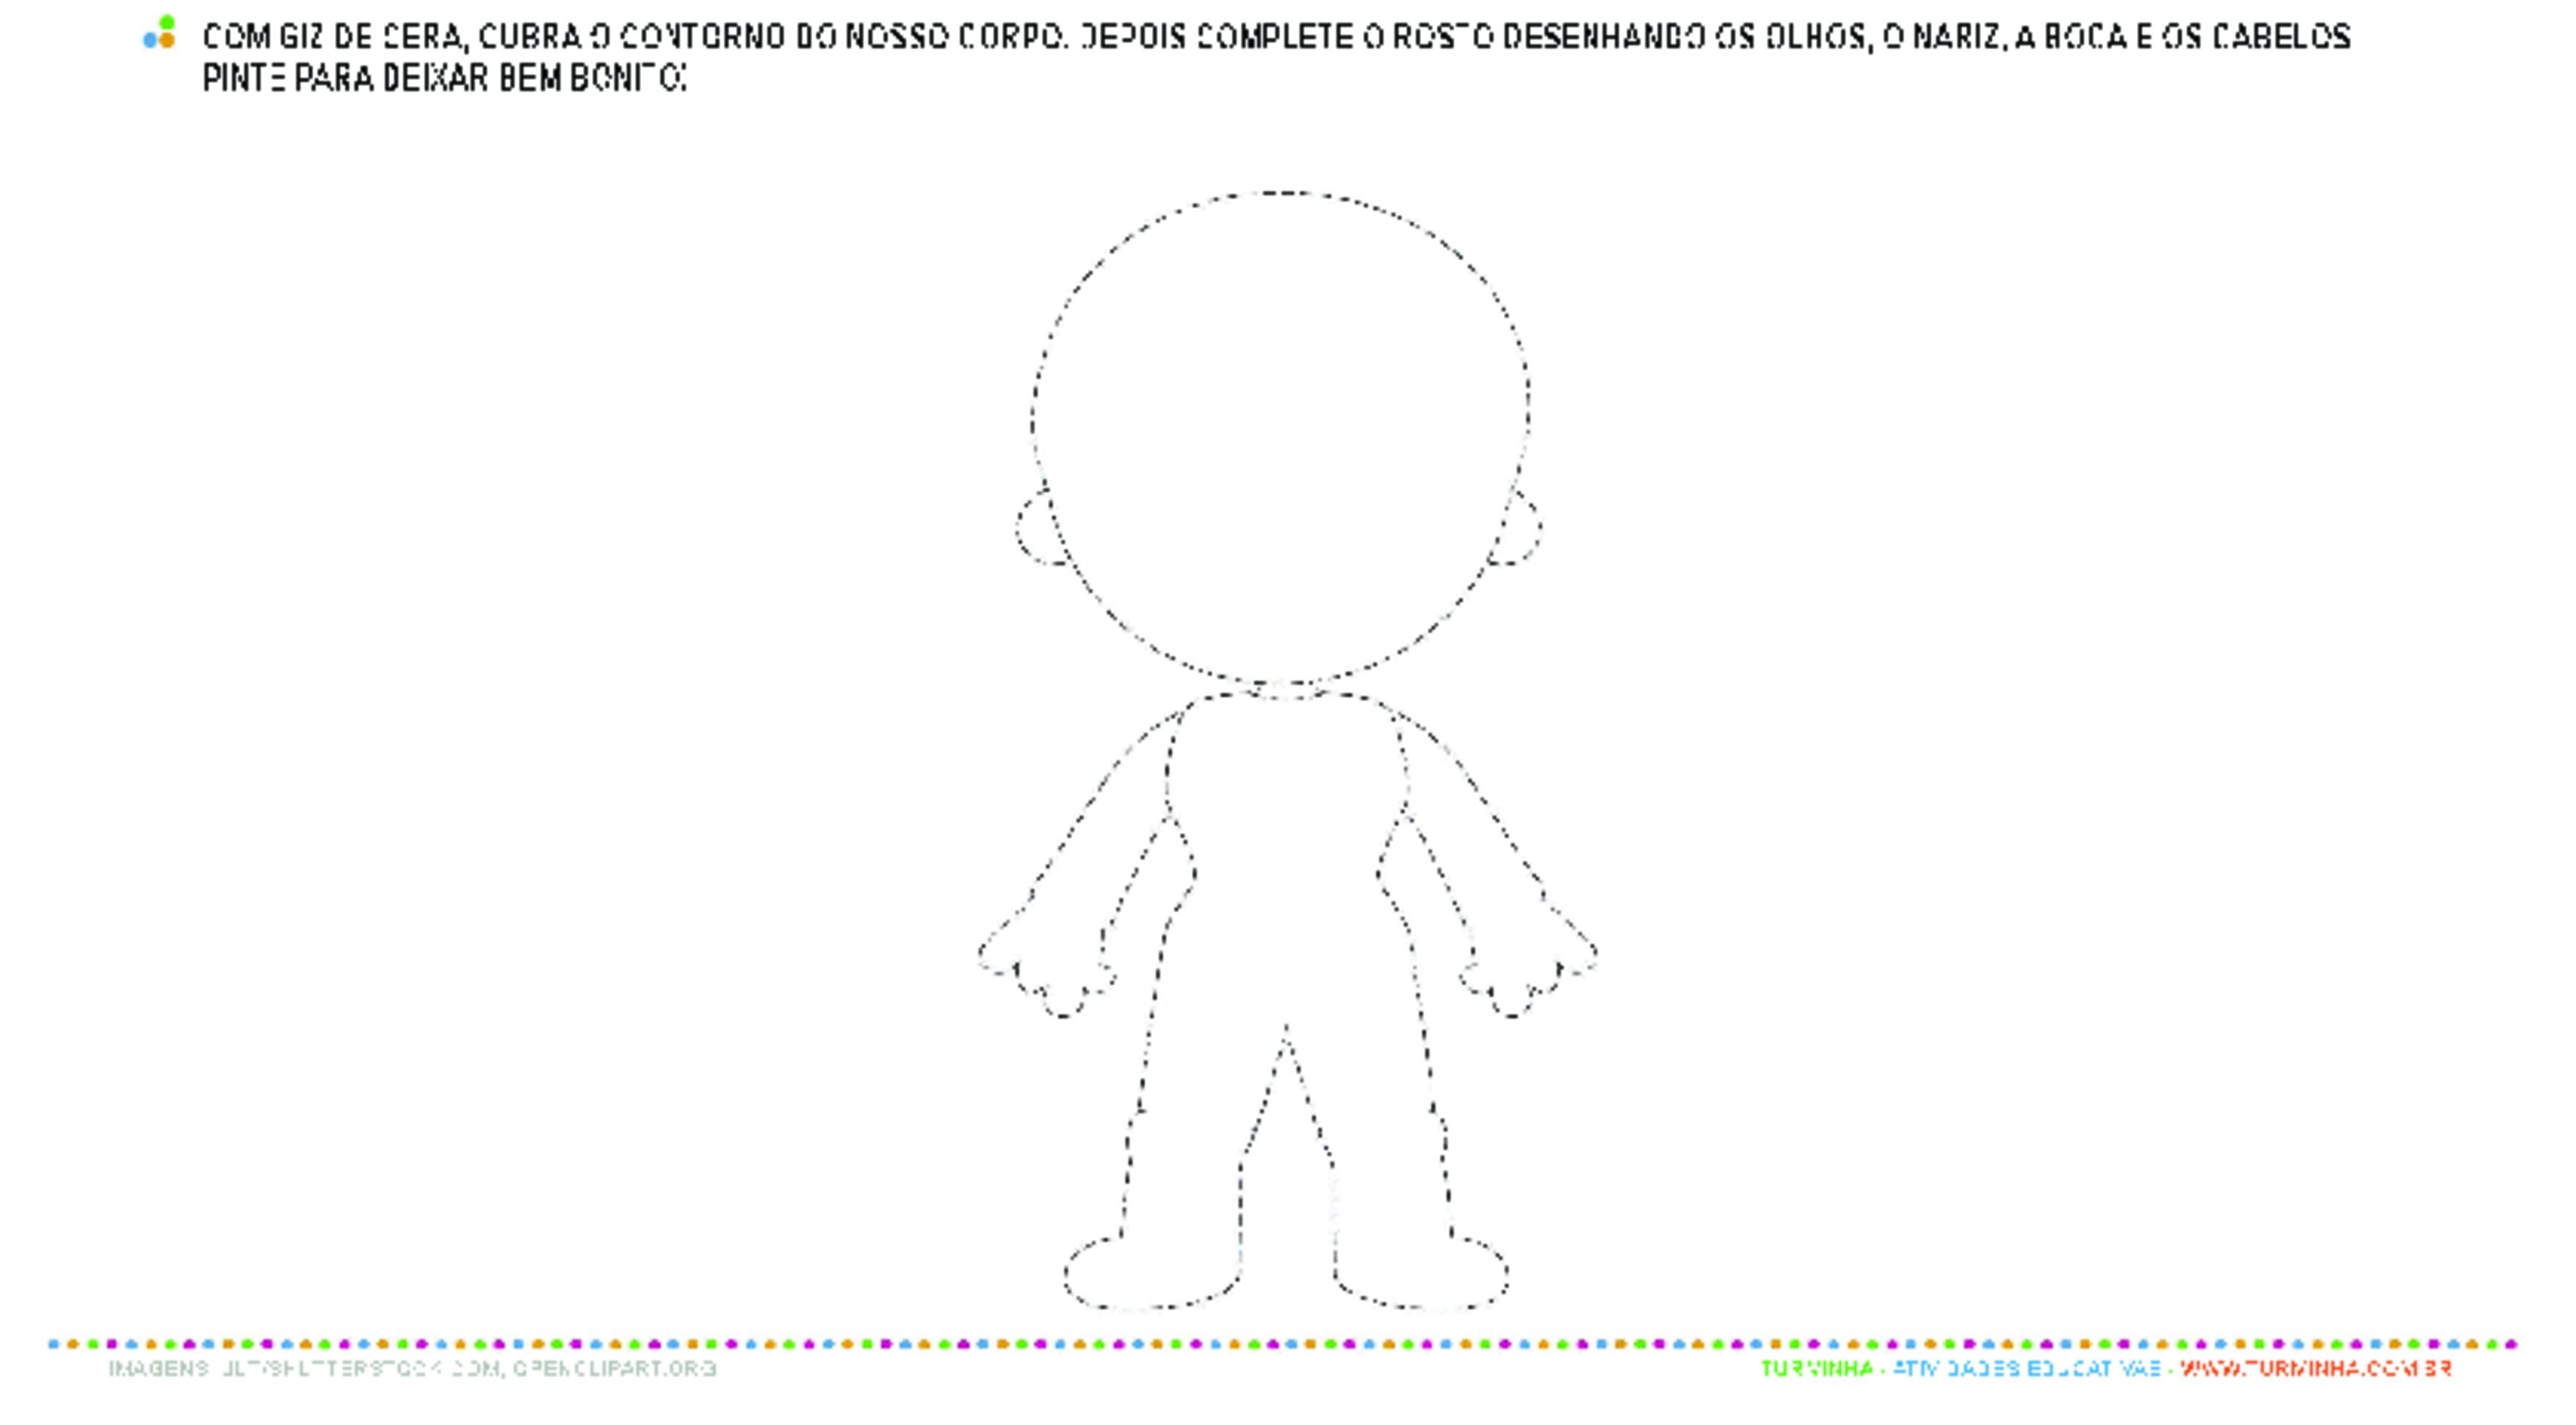 Contorno do Corpo Humano - atividade educativa para Creche (0 a 3 anos)